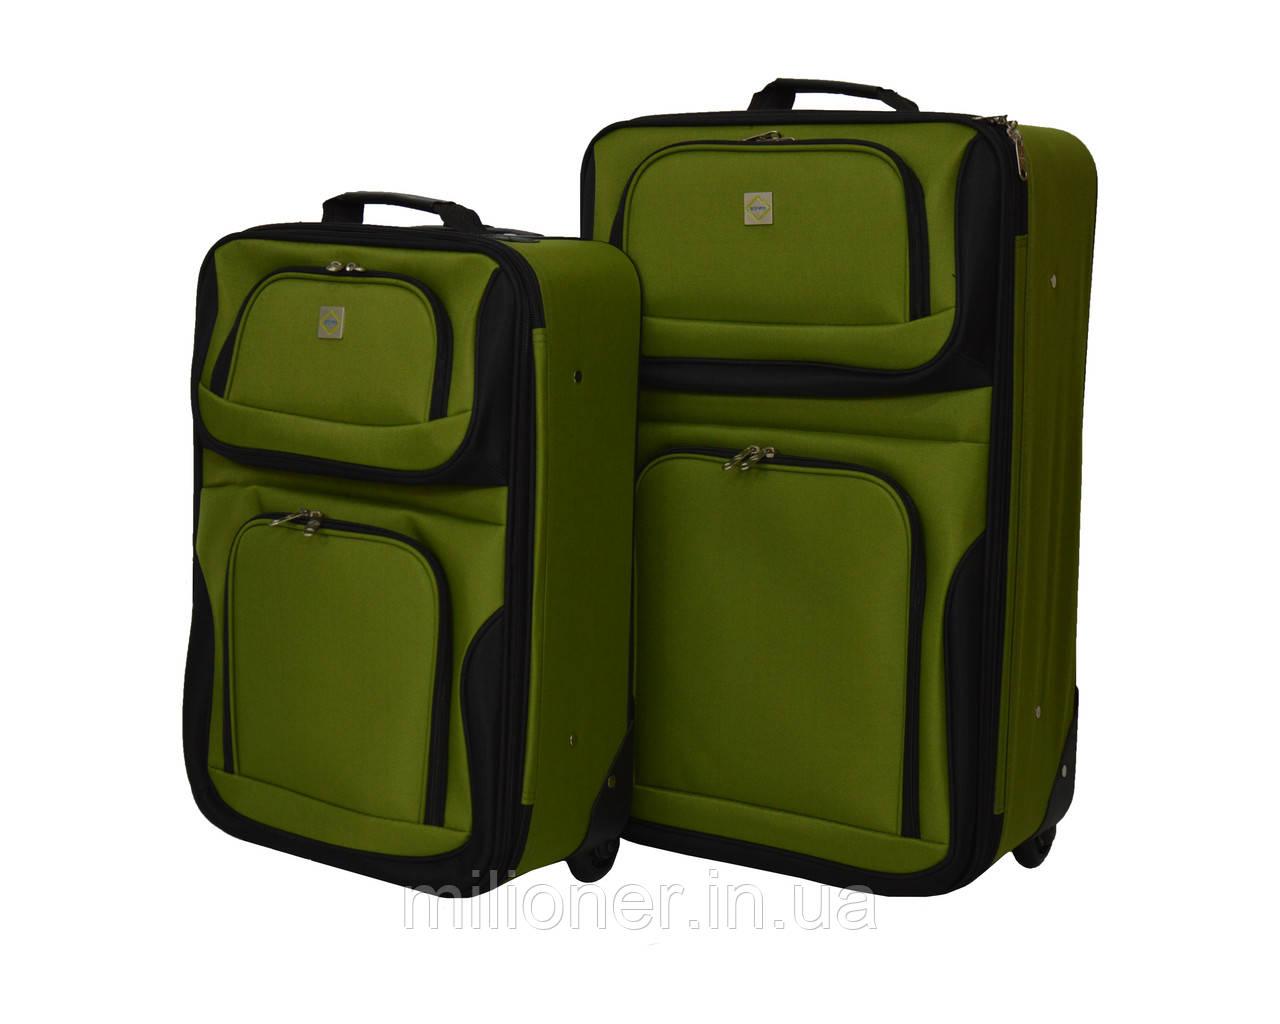 Набор чемоданов Bonro Best 2 шт зеленый